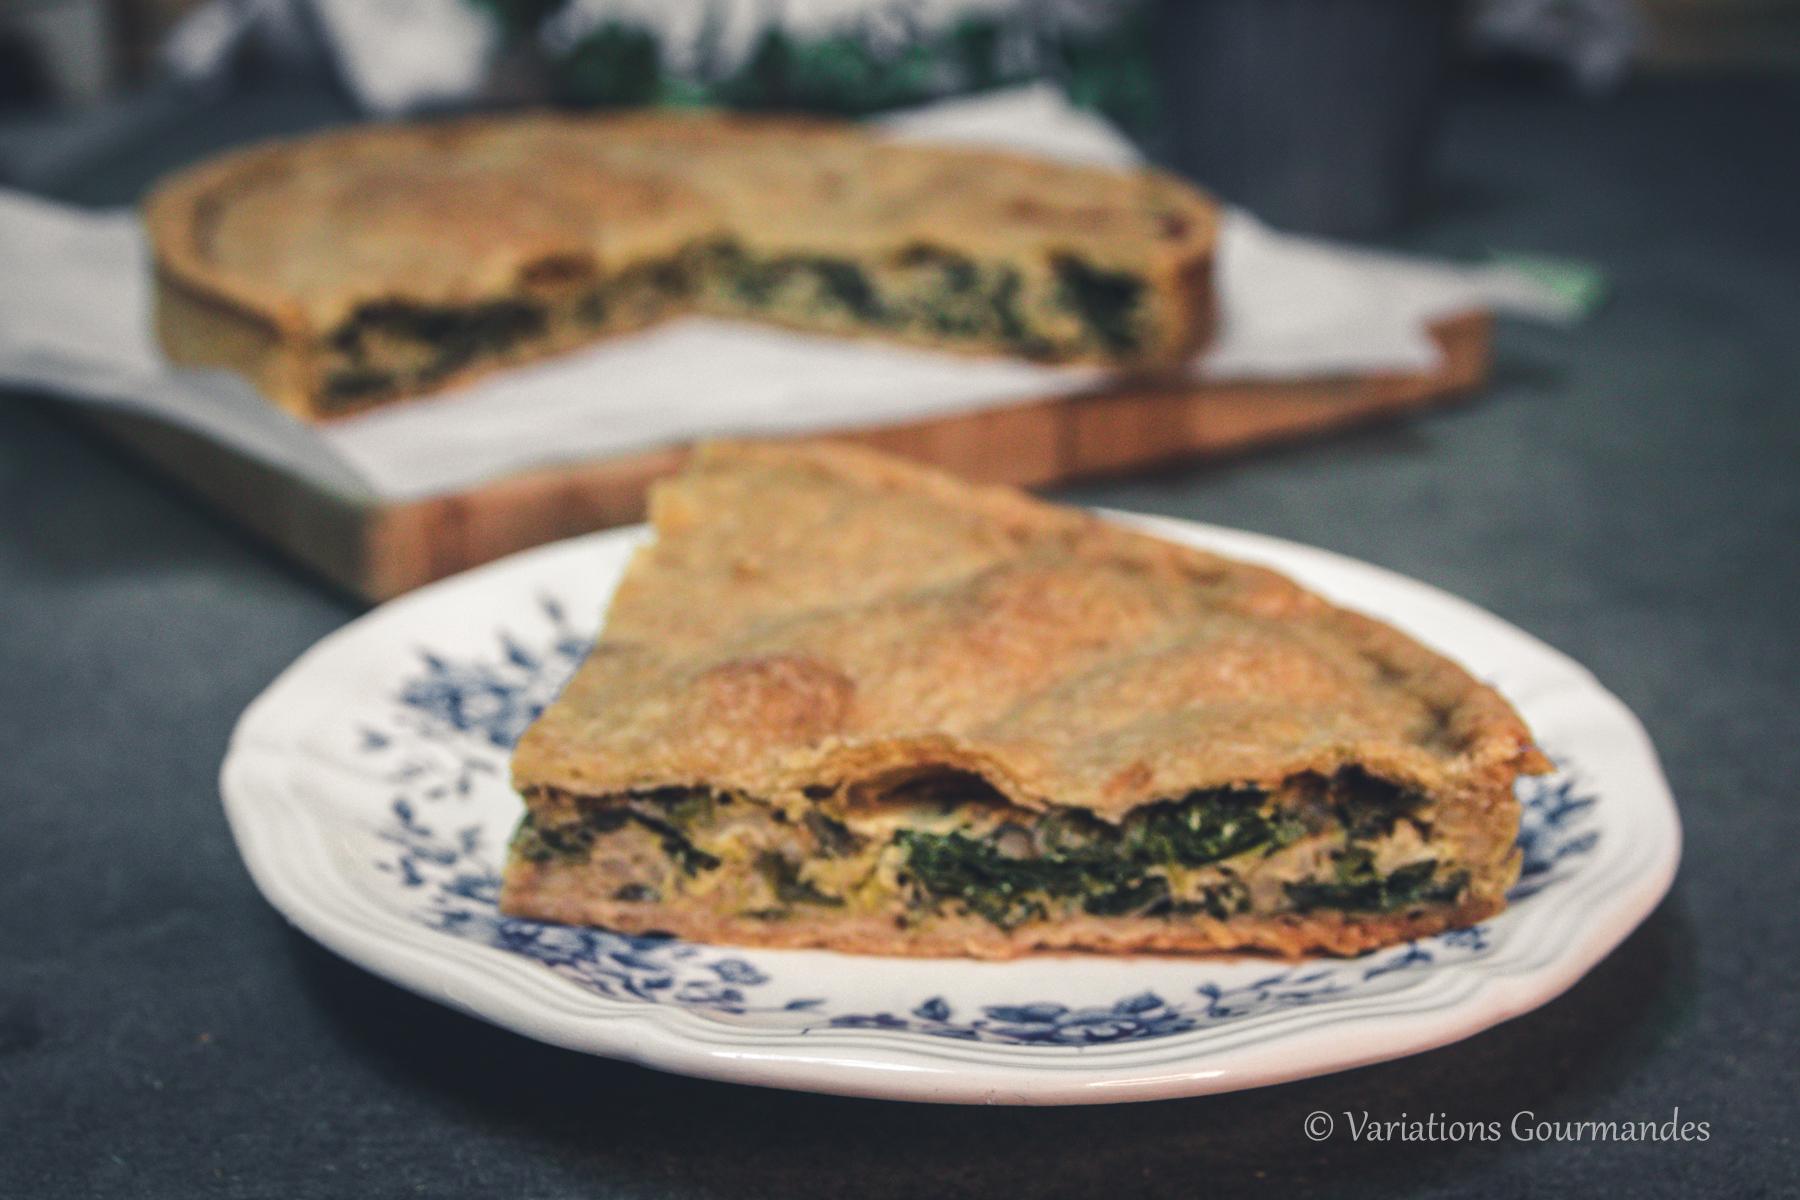 recette, tourte, cuisine niçoise, variations gourmandes, cuisine locale